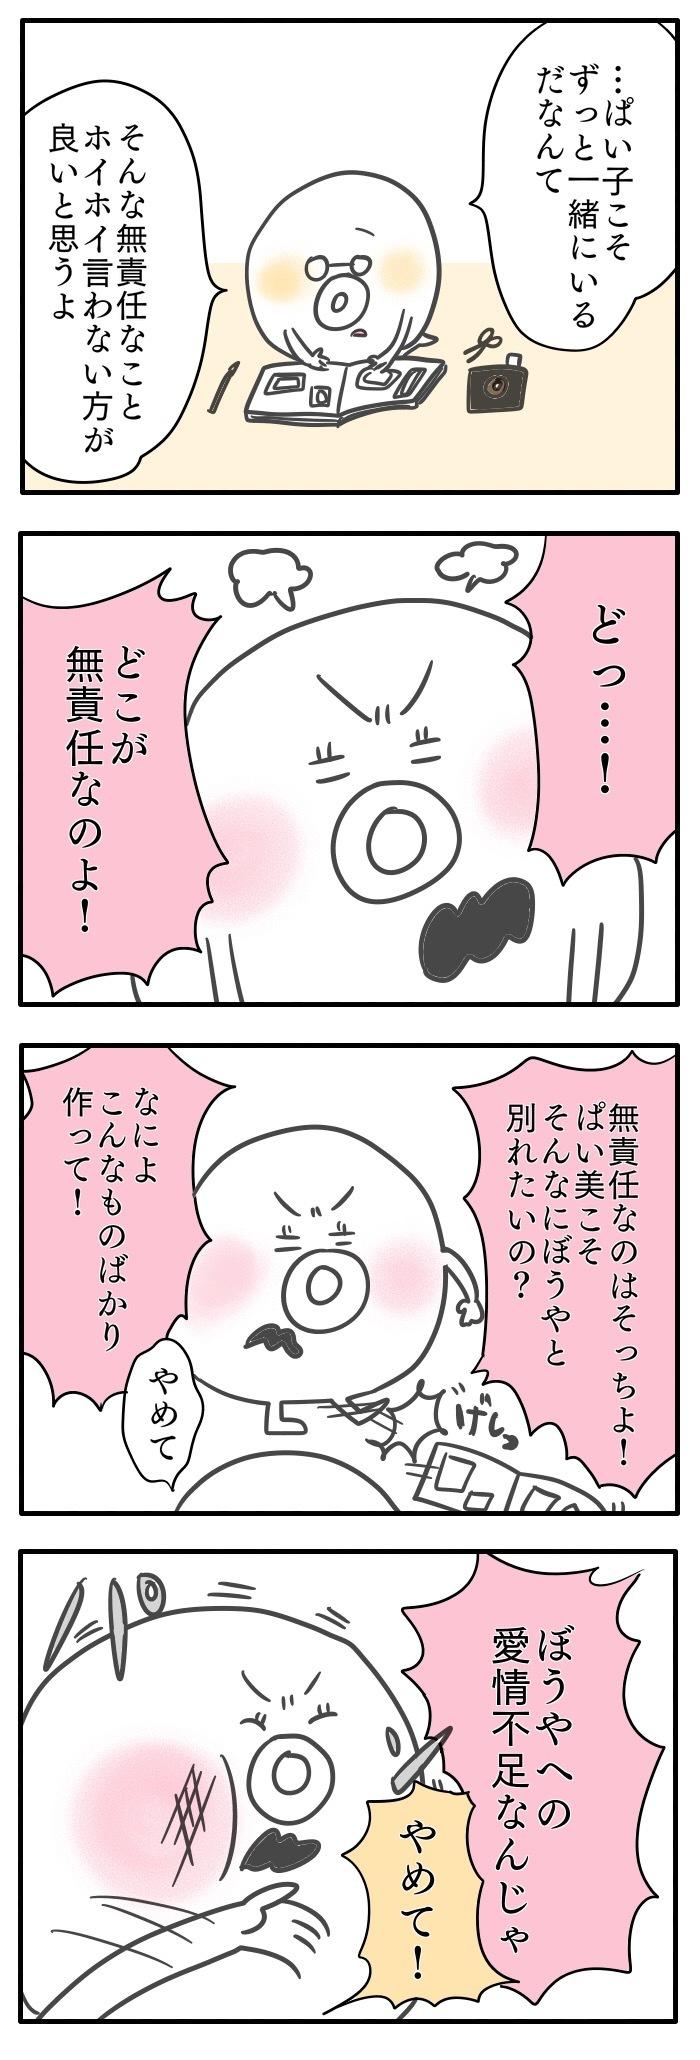 """ぼうやの卒乳を考えるのは""""愛情不足""""なの?/おっぱいとぼく2【16話】の画像4"""